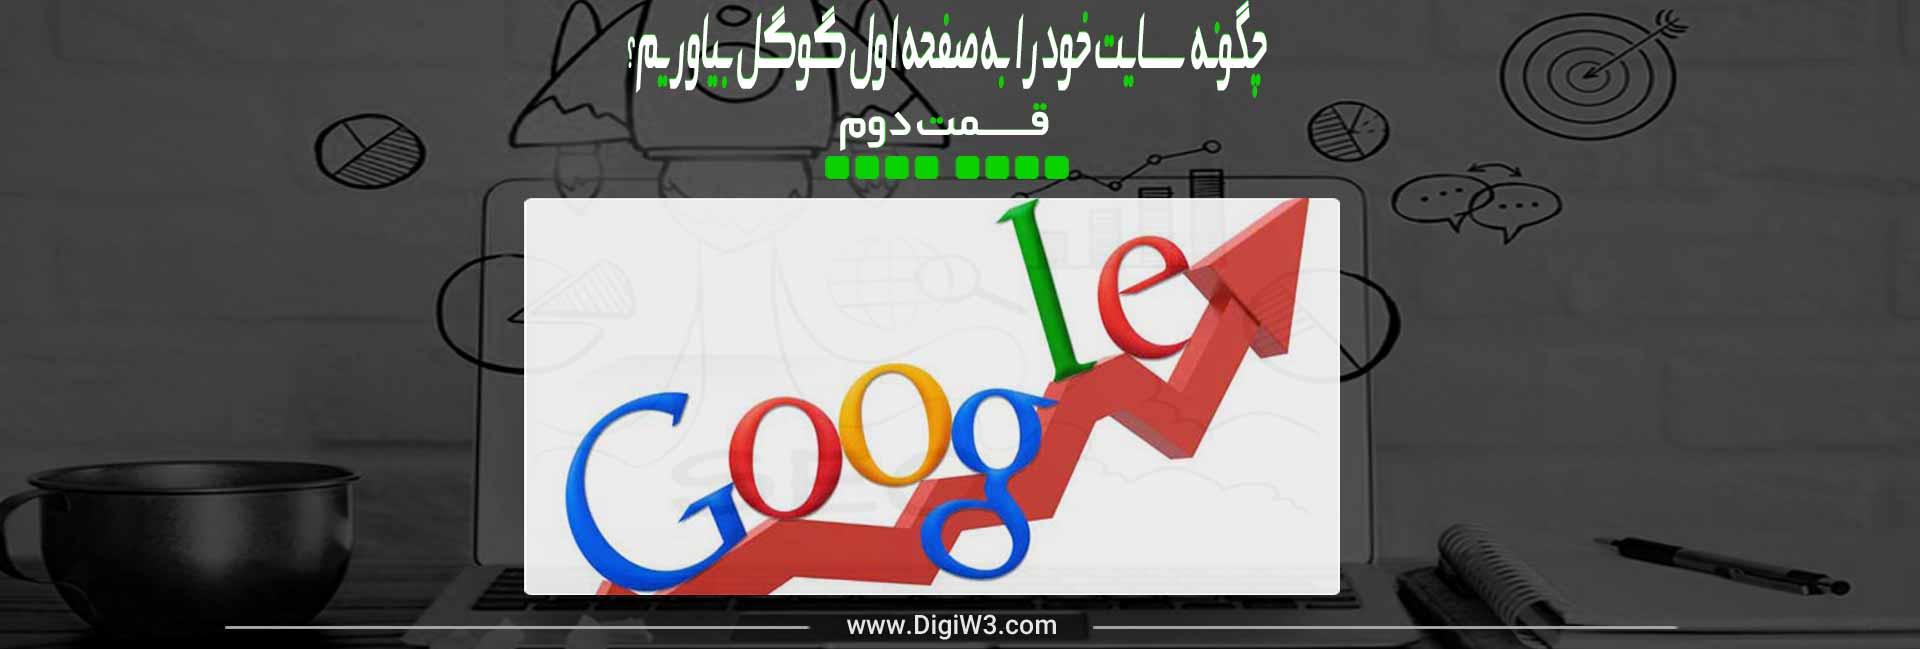 چگونه سایت خود را به صفحه اول گوگل بیاوریم(قسمت اول)